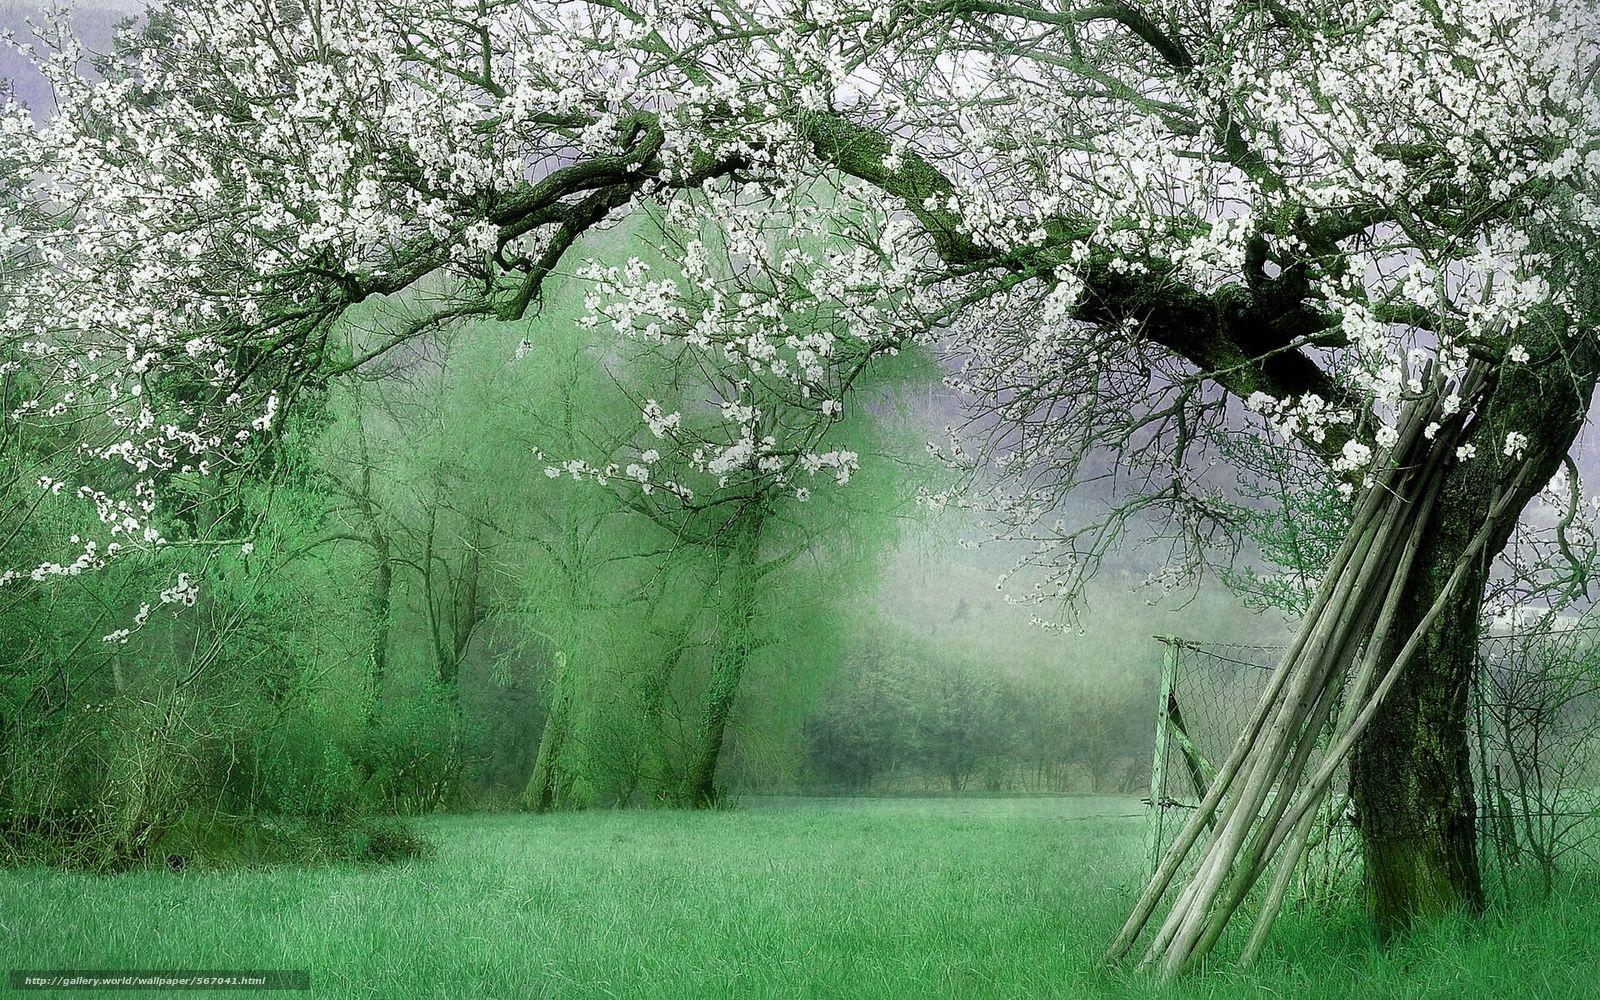 Scaricare gli sfondi primavera paesaggio giardino for Immagini per desktop natura